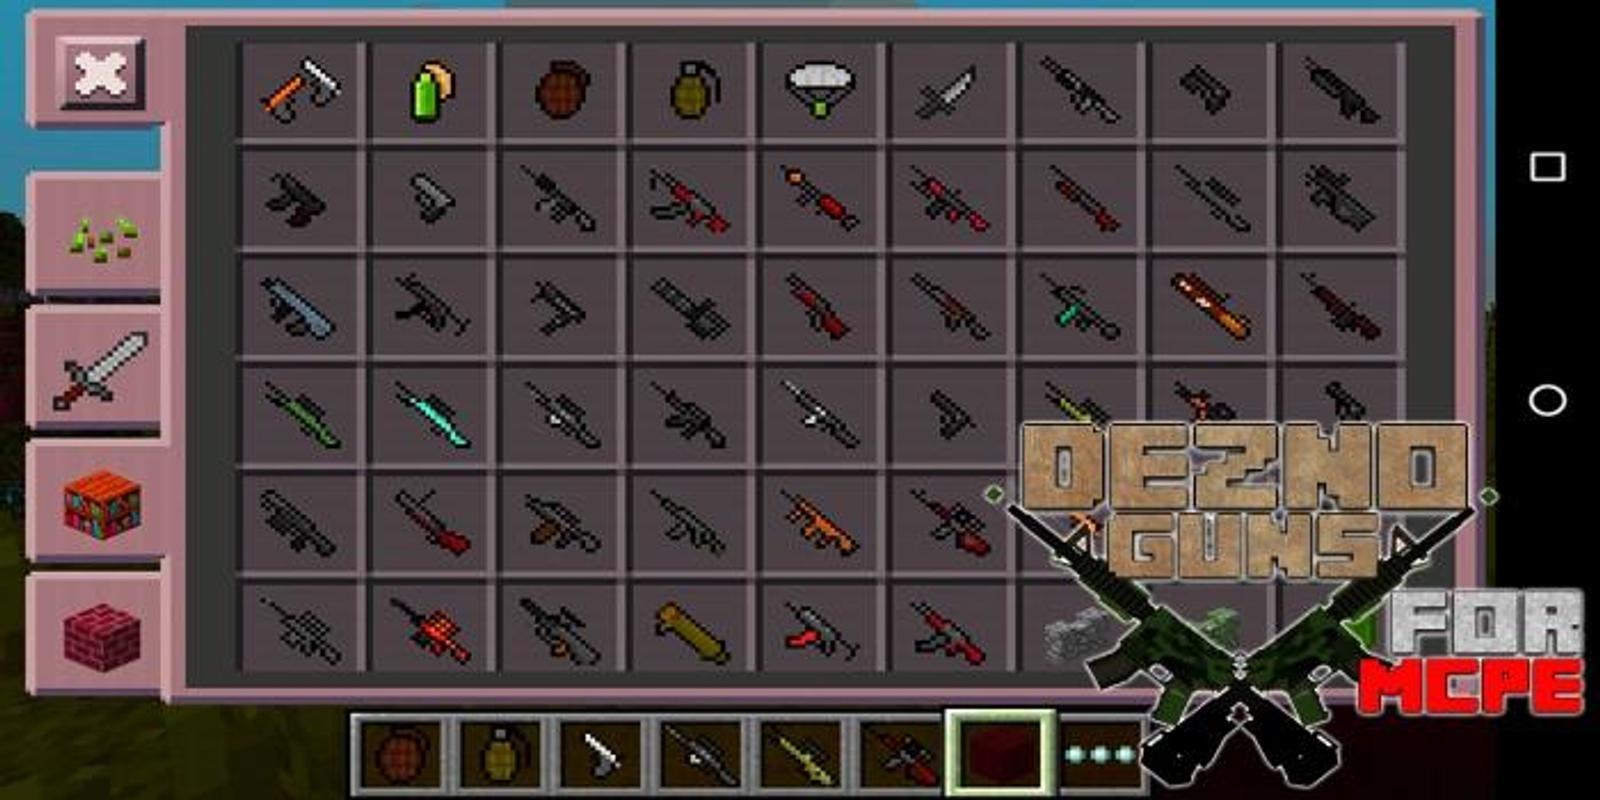 скачатб мод на оружие в майнкрафте 0.13.0